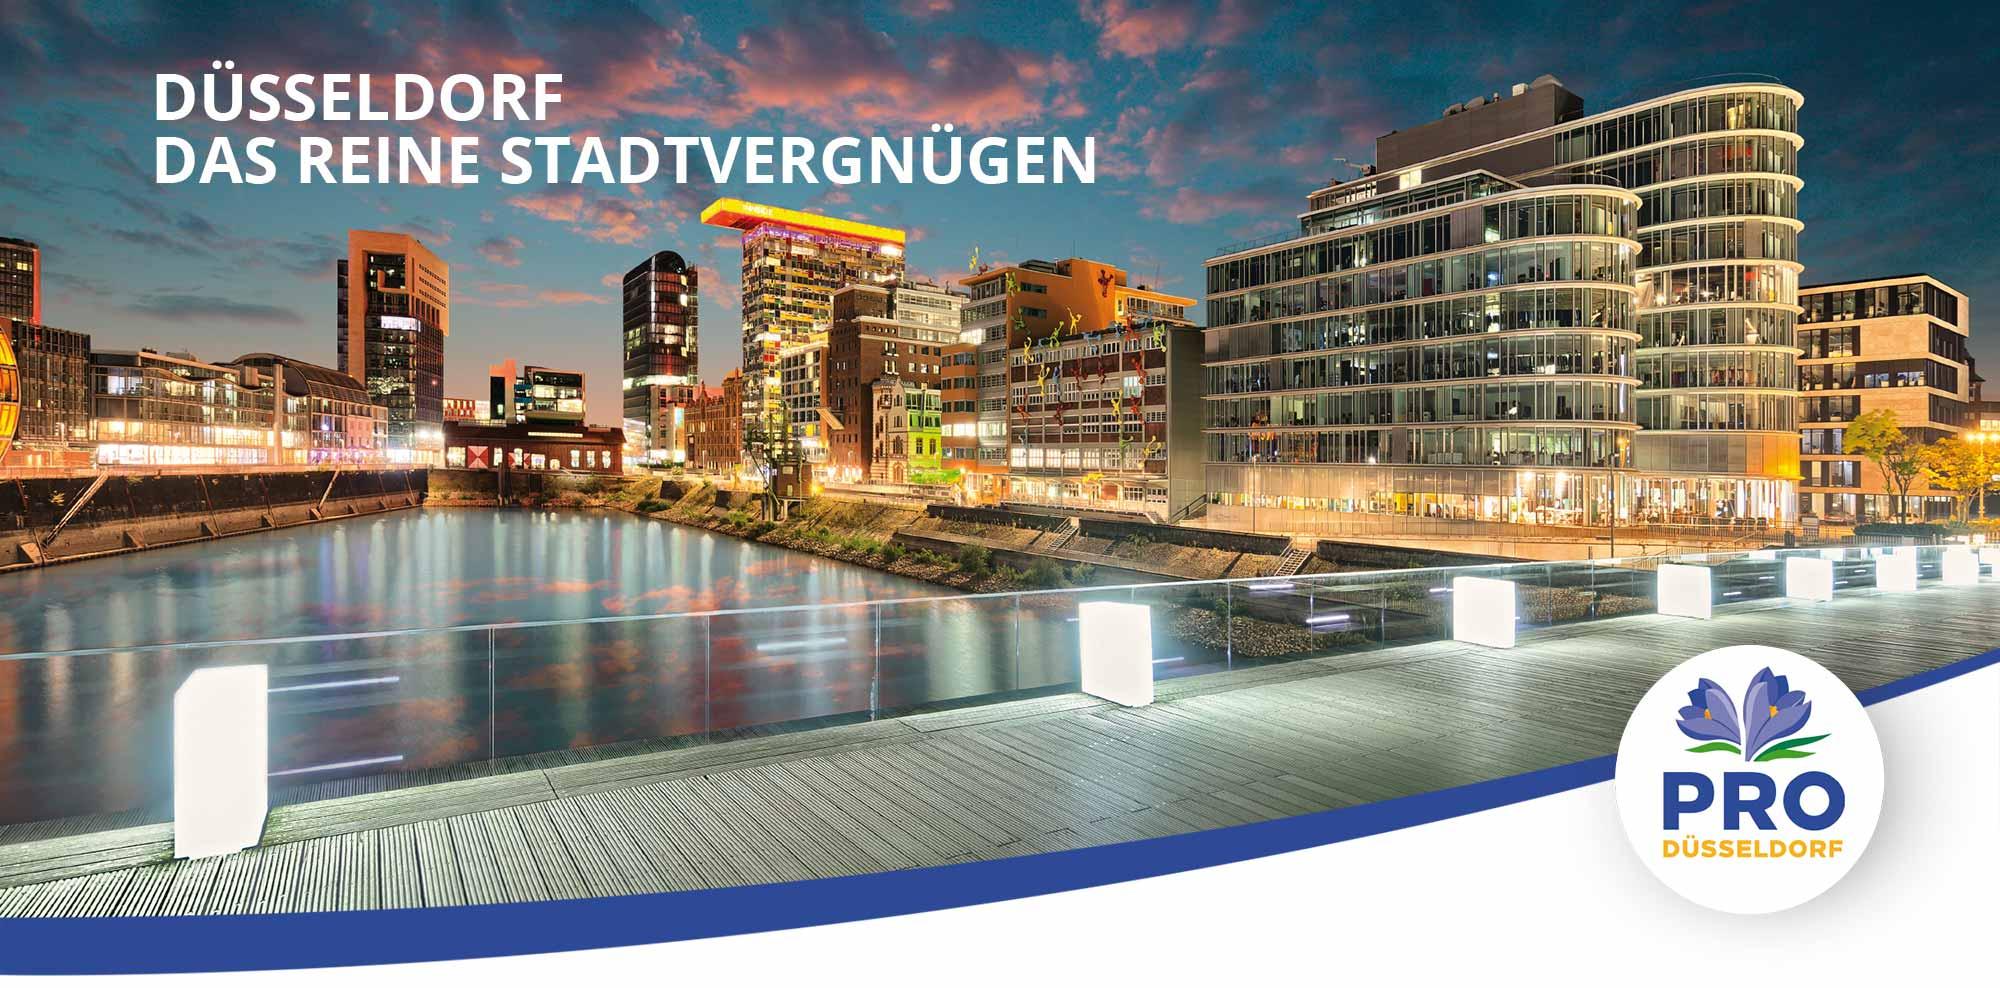 Über uns: Düsseldorf das reine Stadtvergnügen